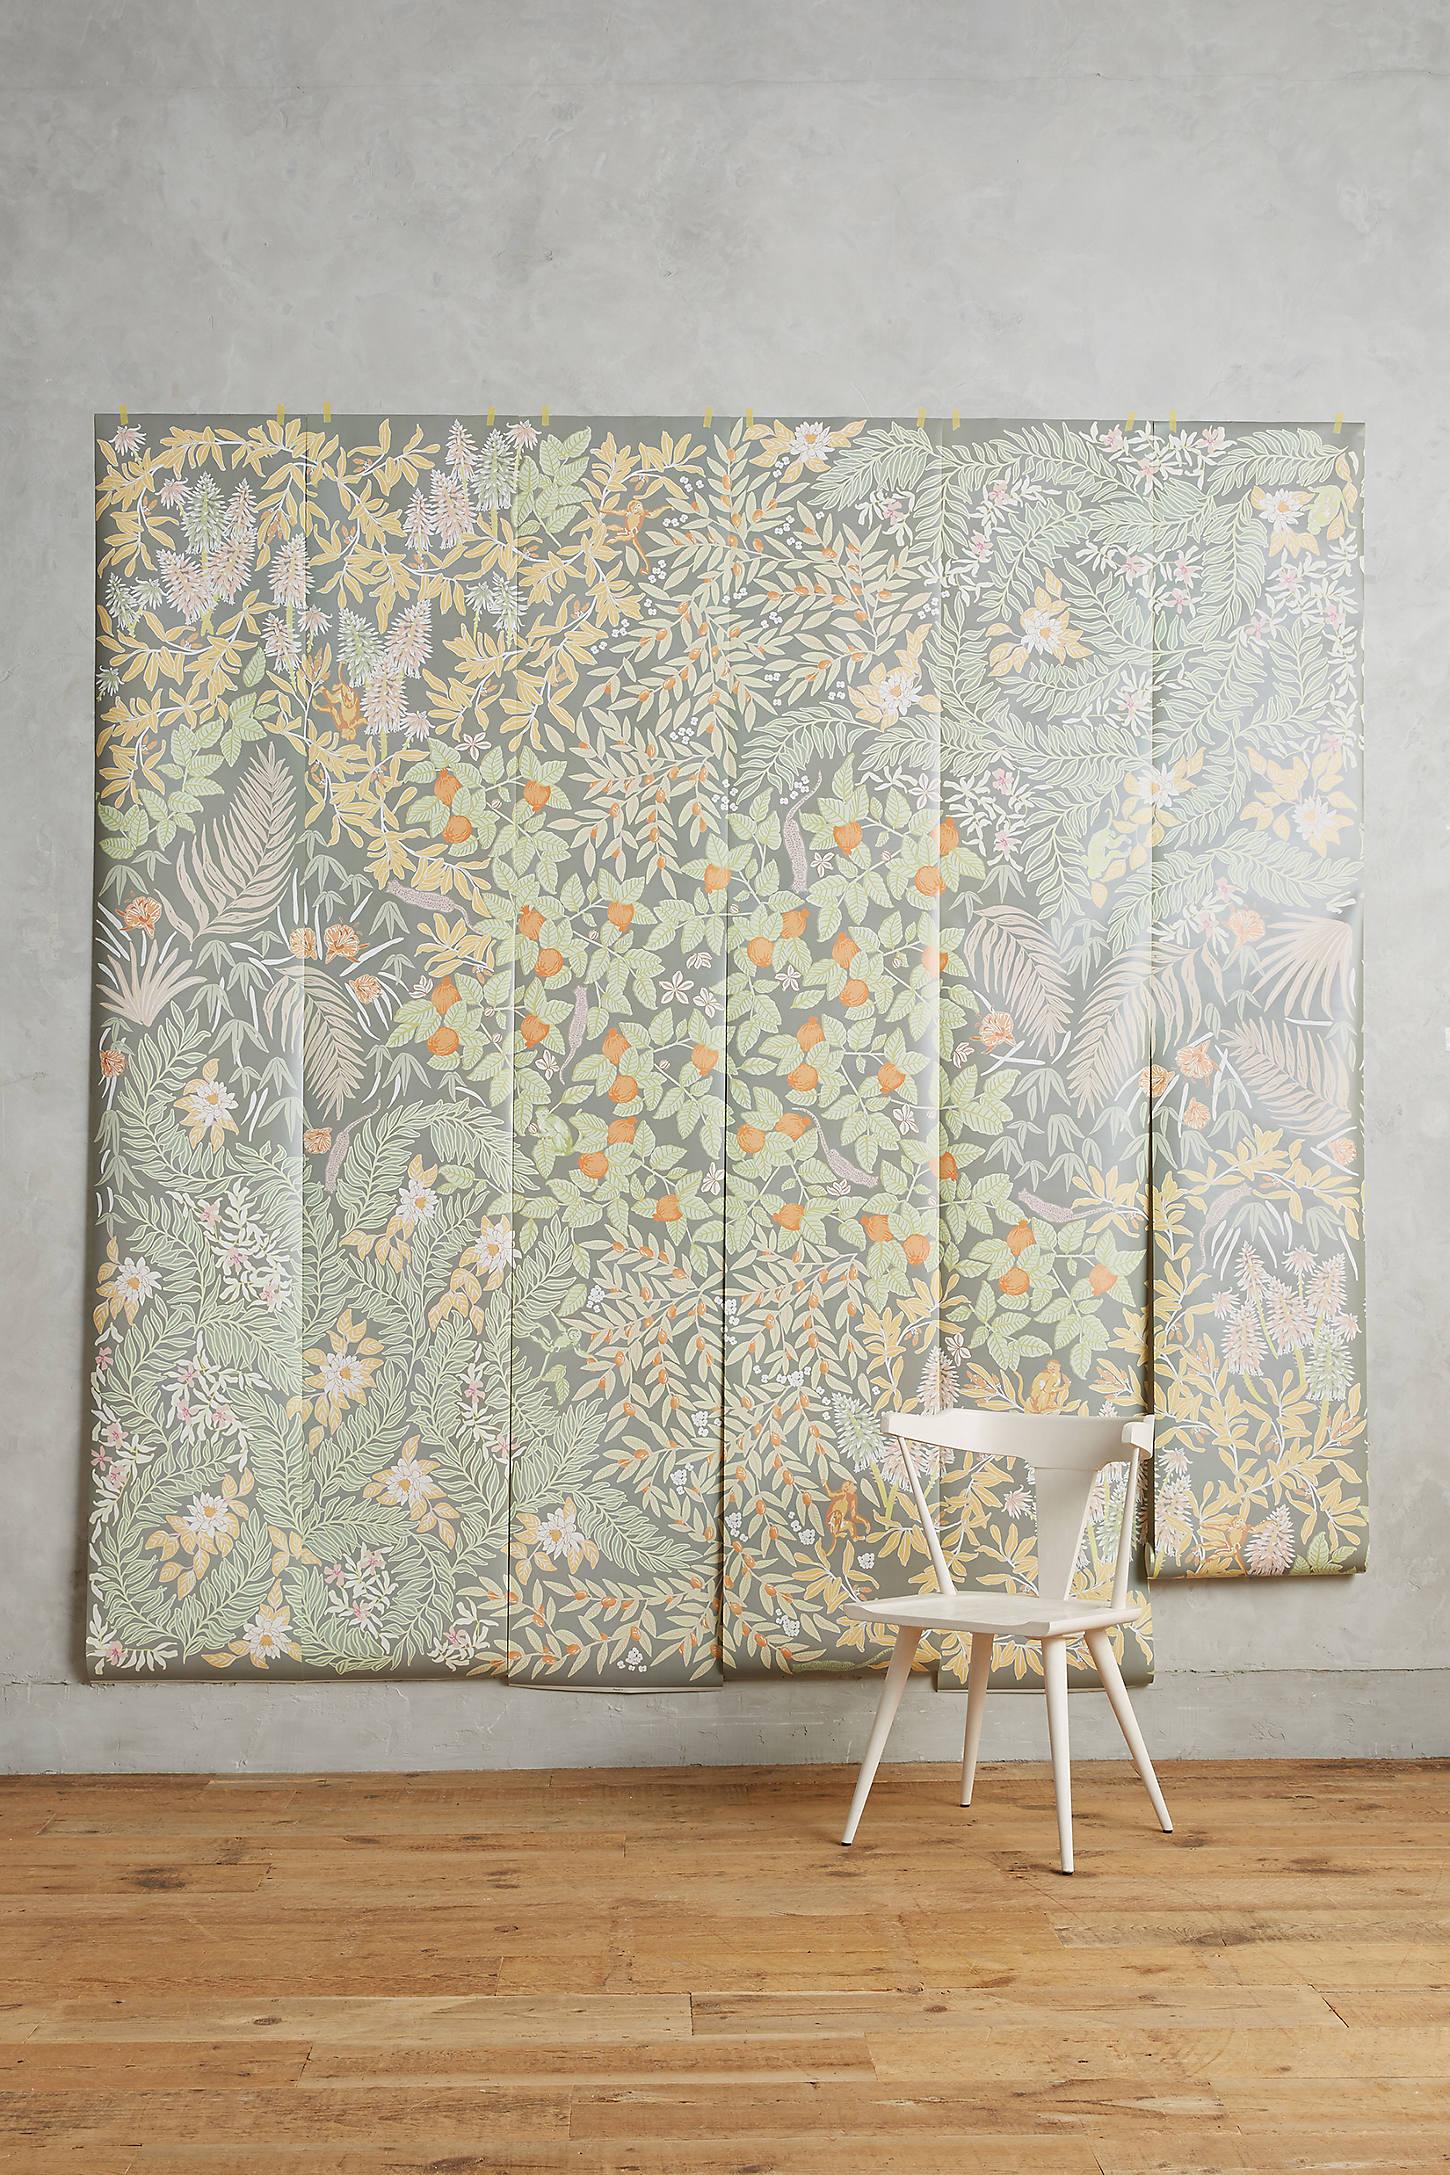 Moss Garden Mural